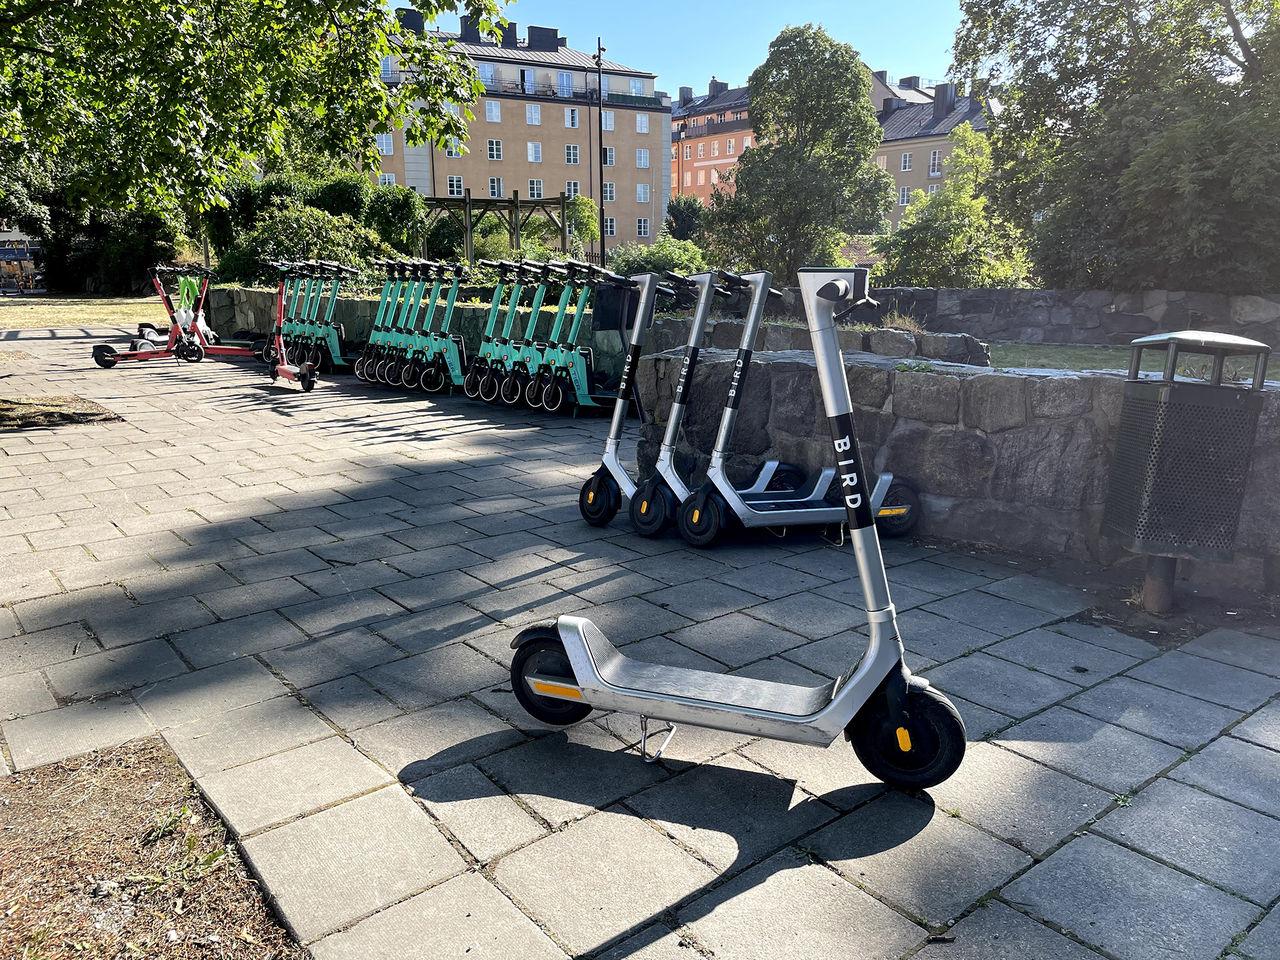 Stockholm inför avgift för elsparkcyklar